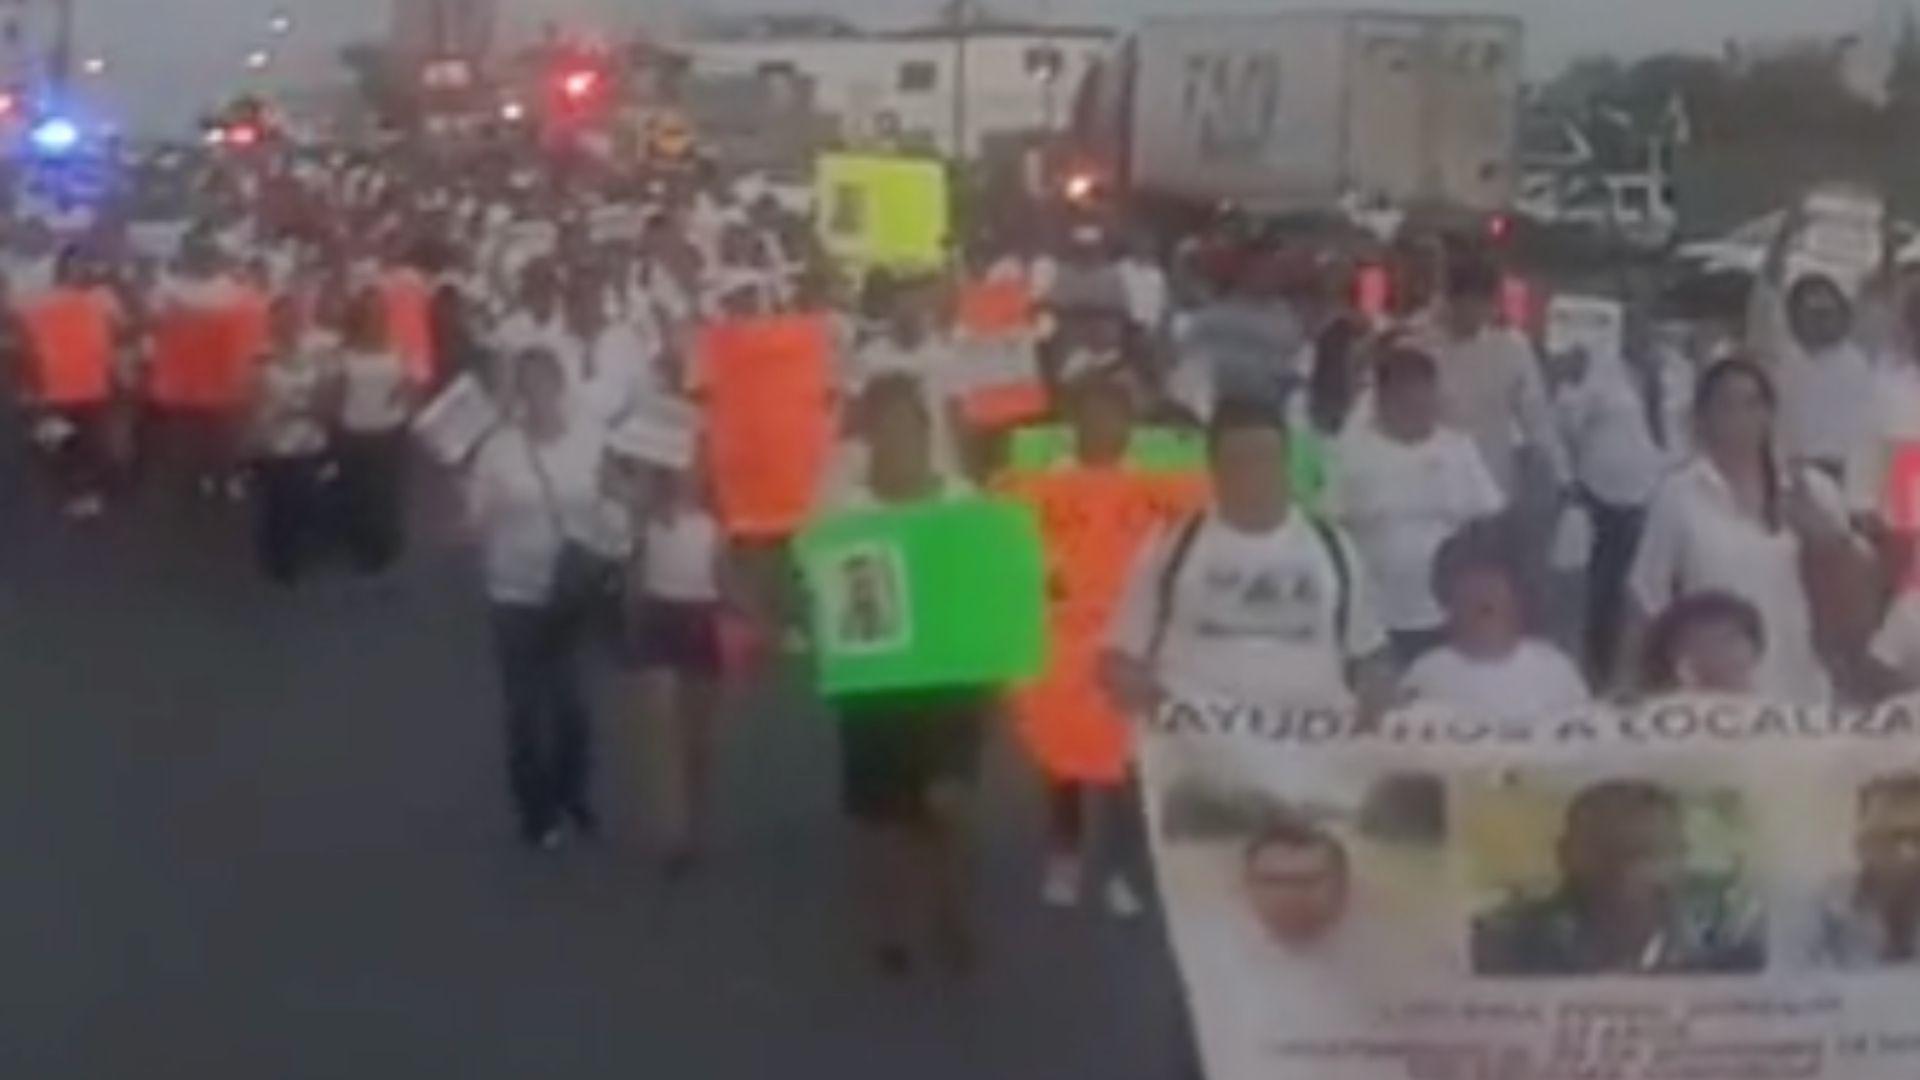 Familiares de desaparecidos también se unieron al pedido de justicia de la familia Ronquillo Hernández (Foto: Especial)